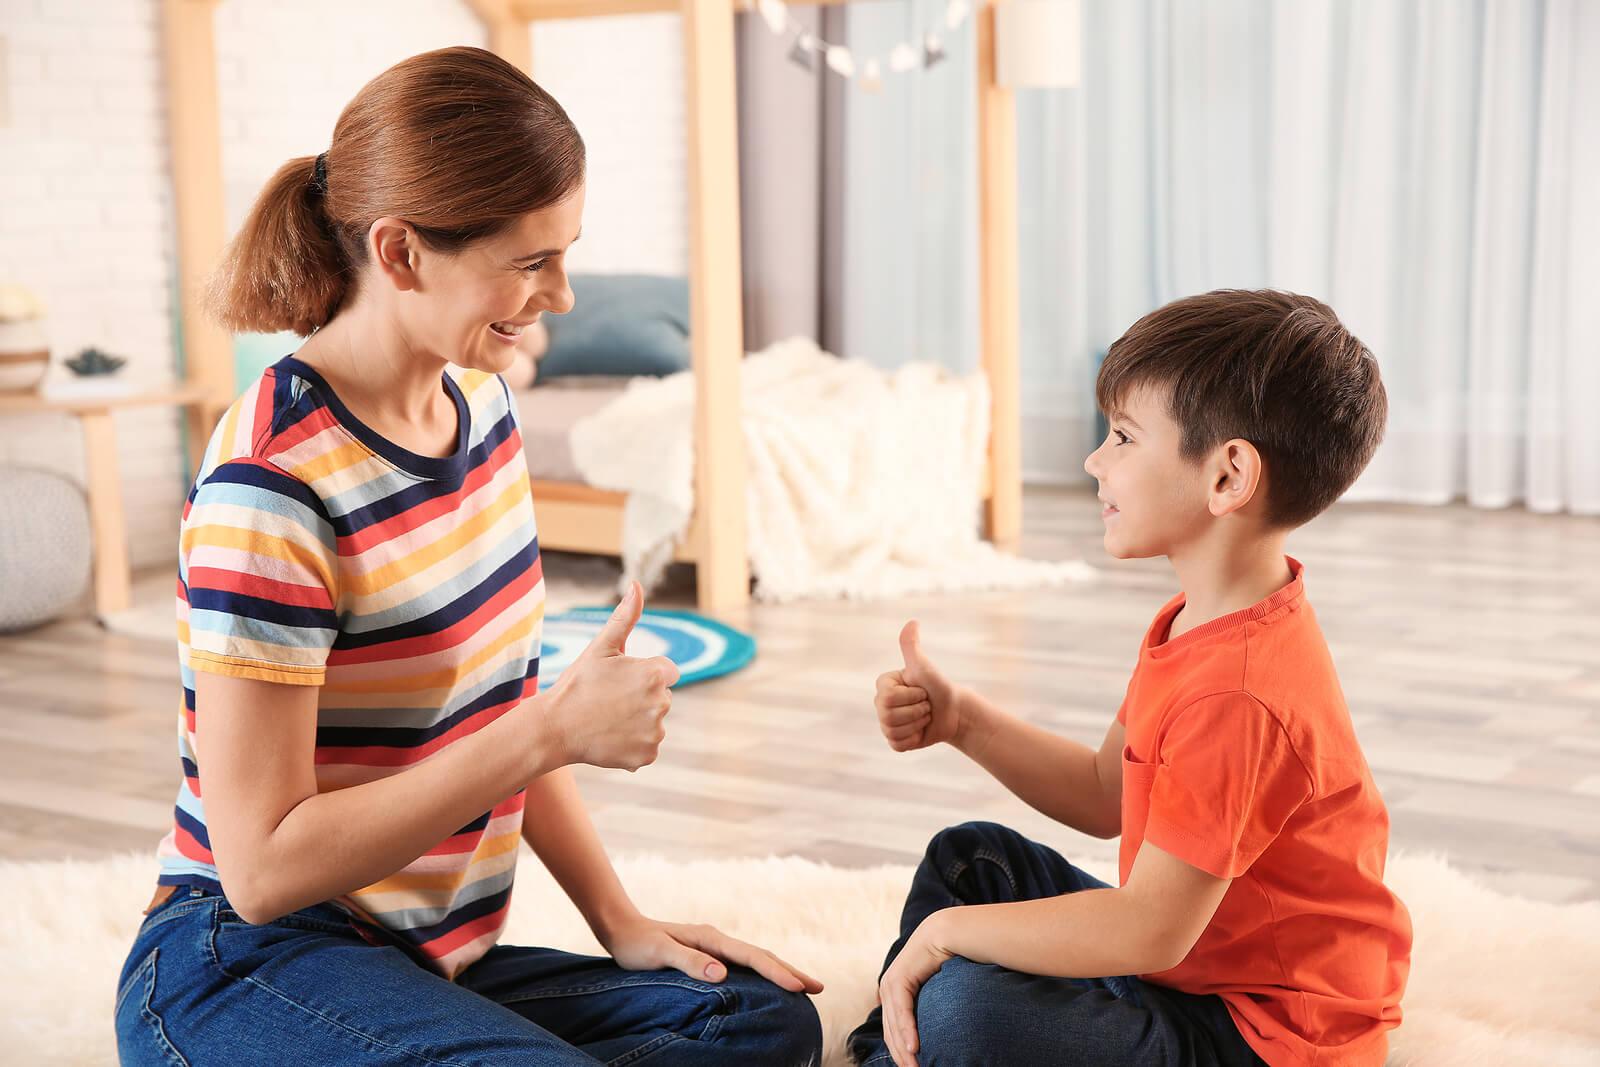 Madre jugando con su hijo para mostrarle la fuerza de voluntad en los niños.